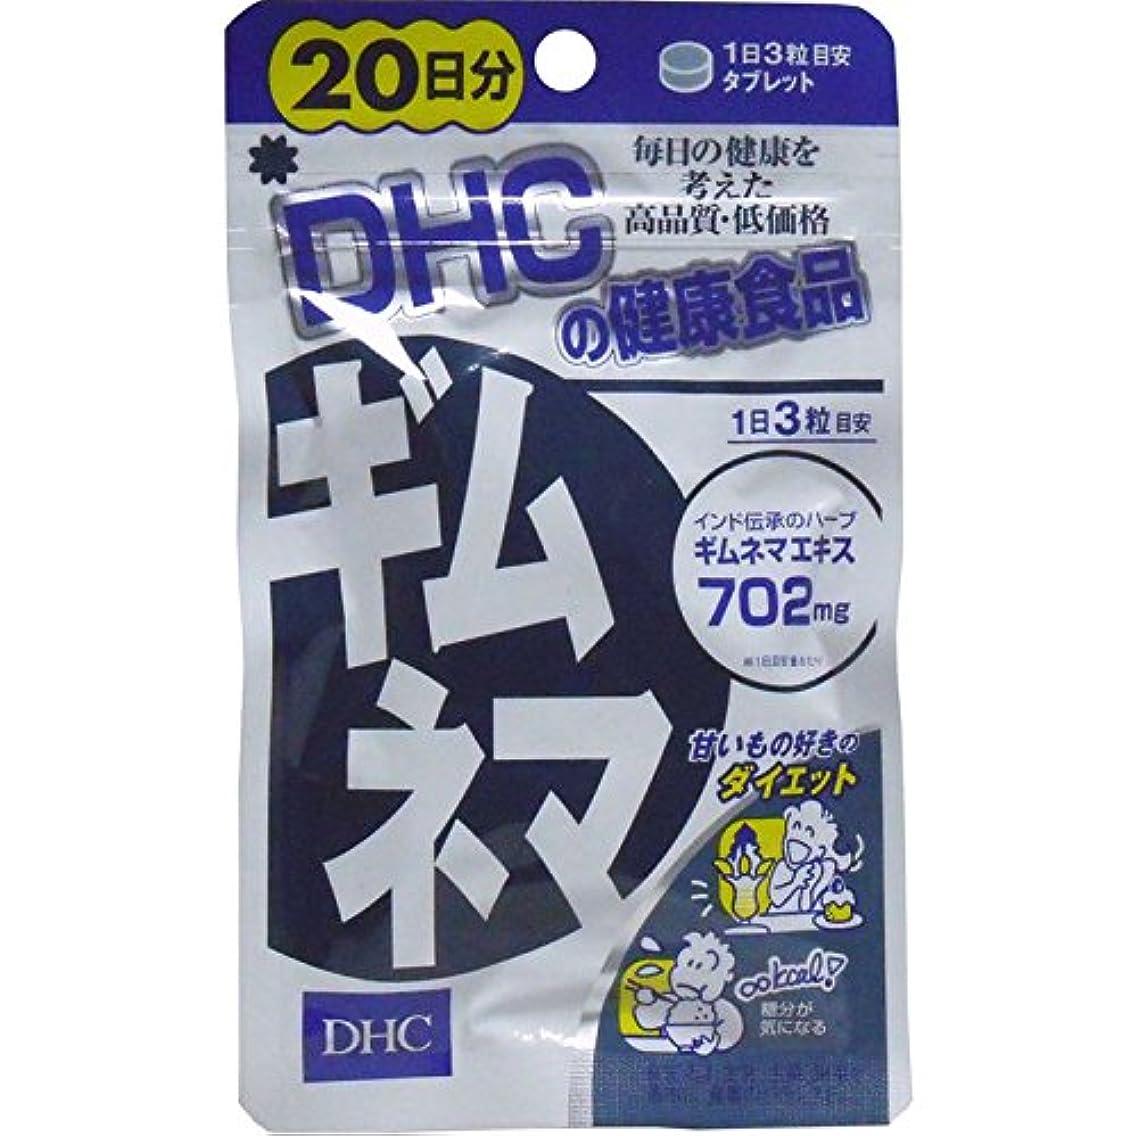 塗抹酸っぱい抽出我慢せずに余分な糖分をブロック DHC ギムネマ 20日分 60粒